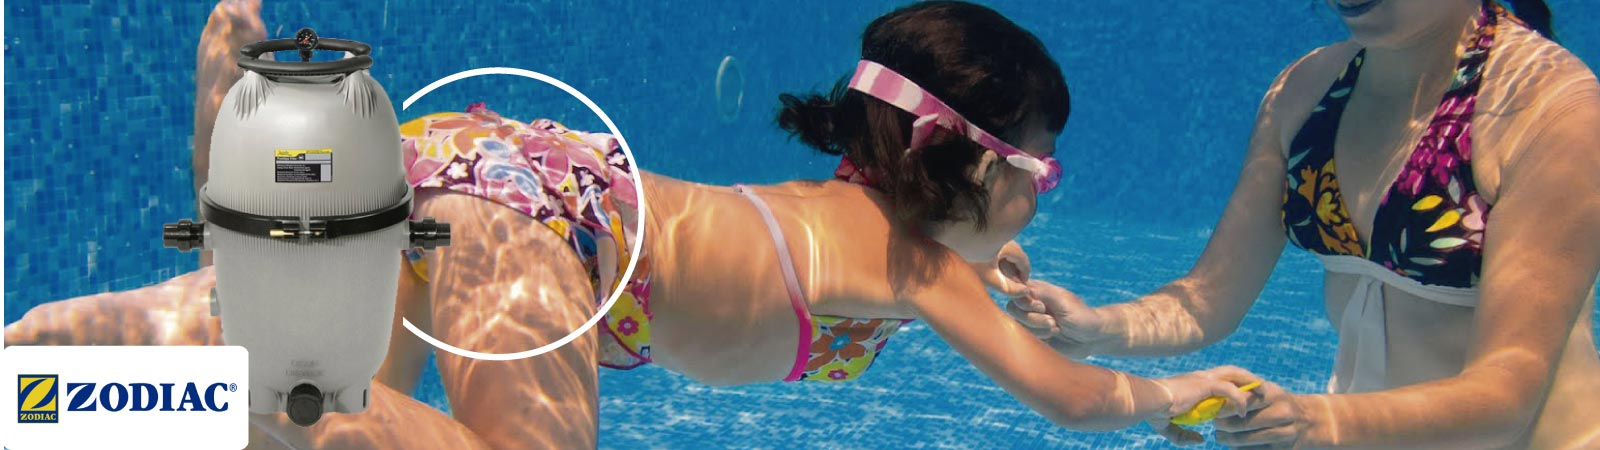 Filtros para Albercas marca Zodiac